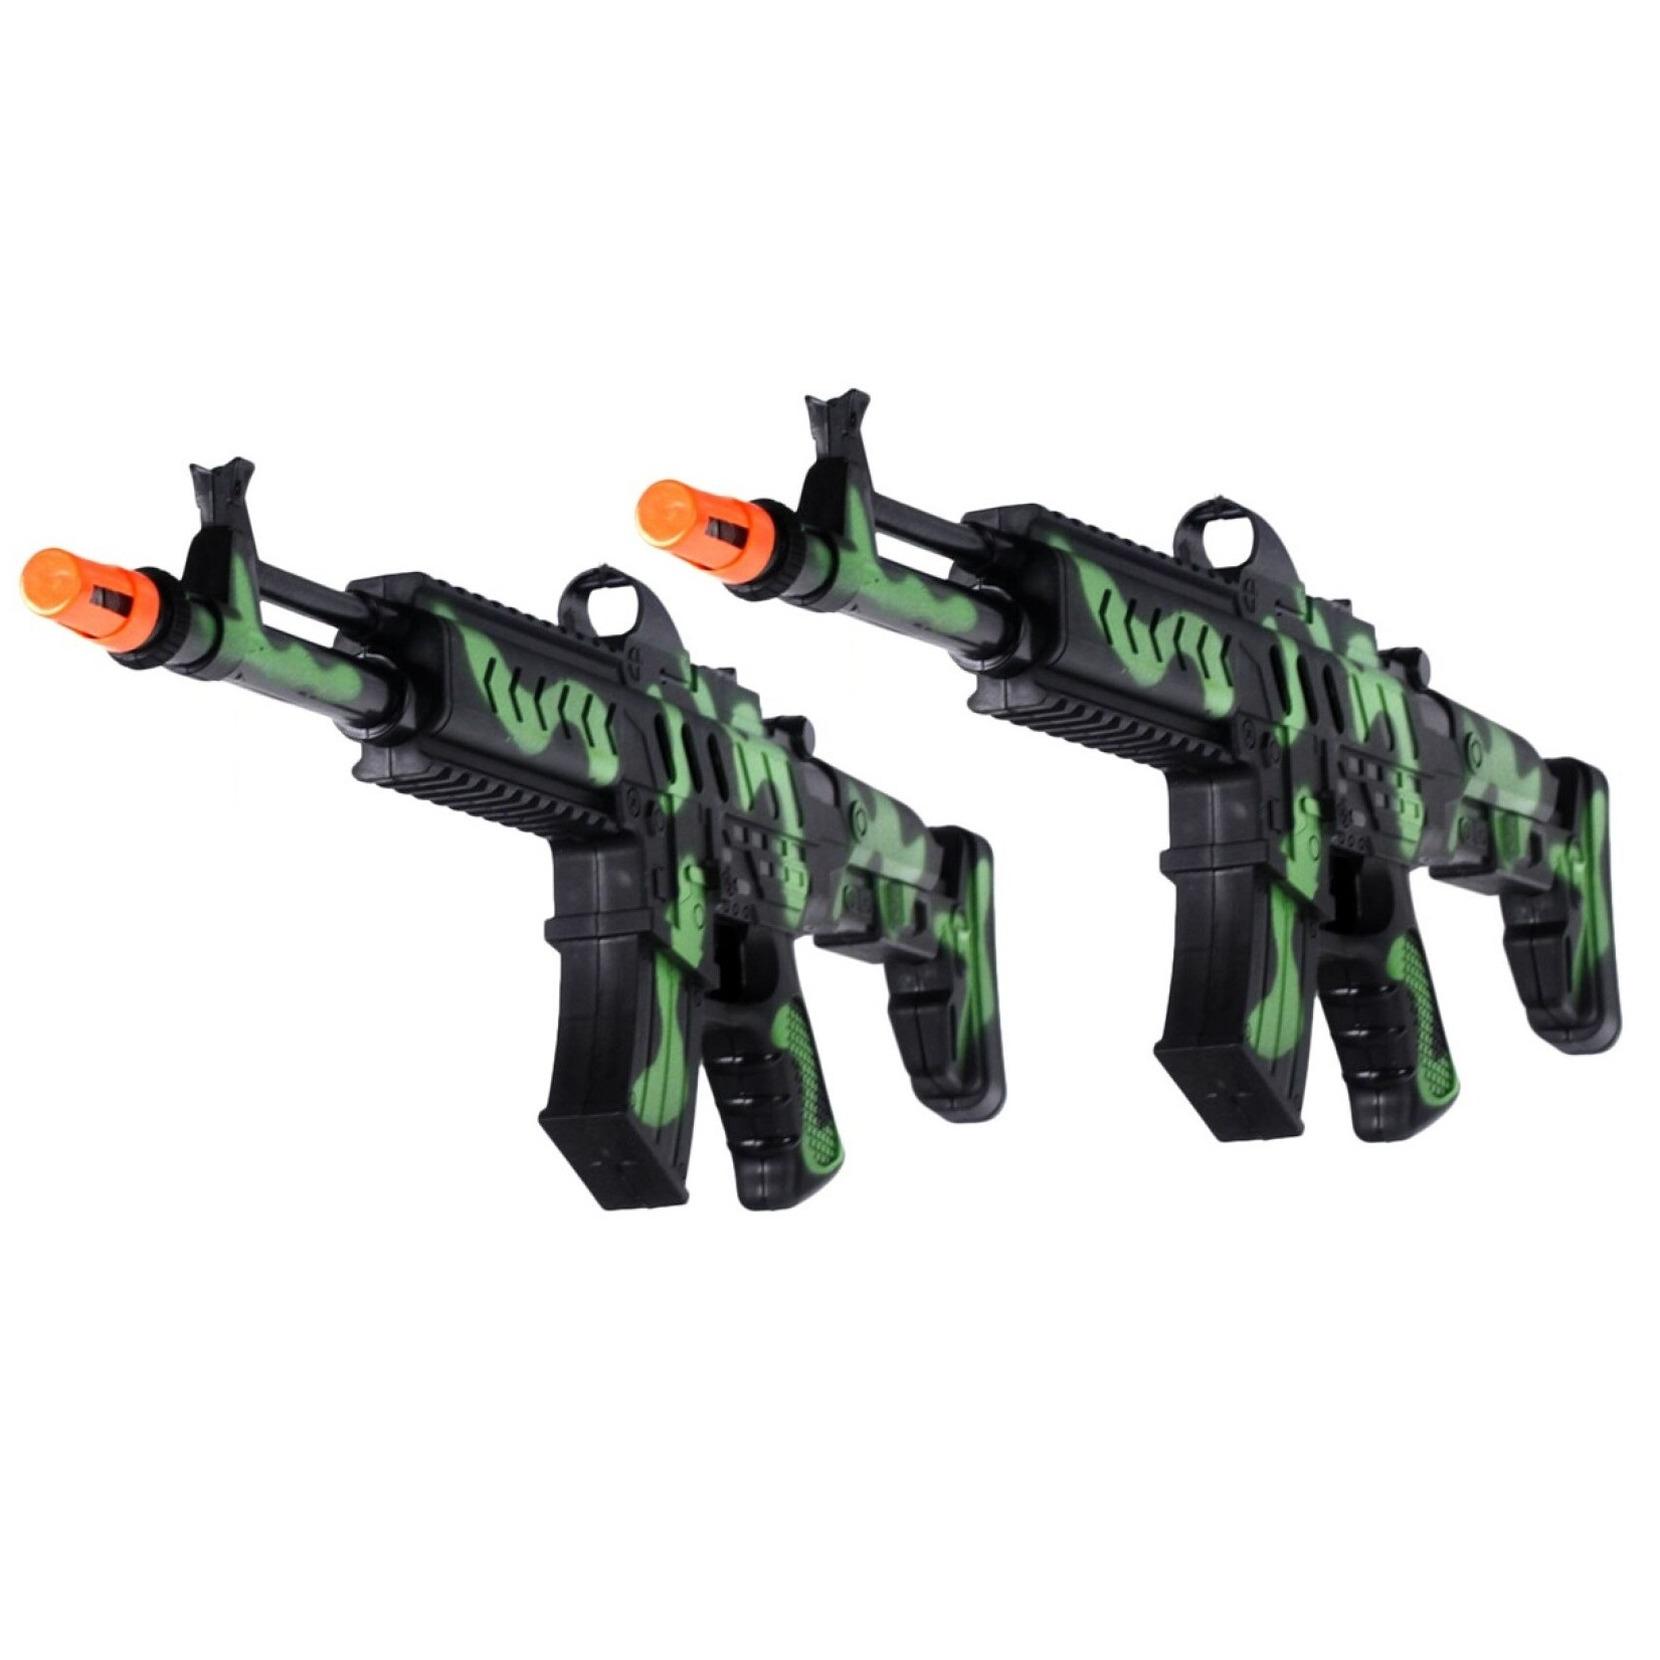 2x stuks kinder speelgoed verkleedwapens machinegeweren soldaten leger met geluid 50 cm